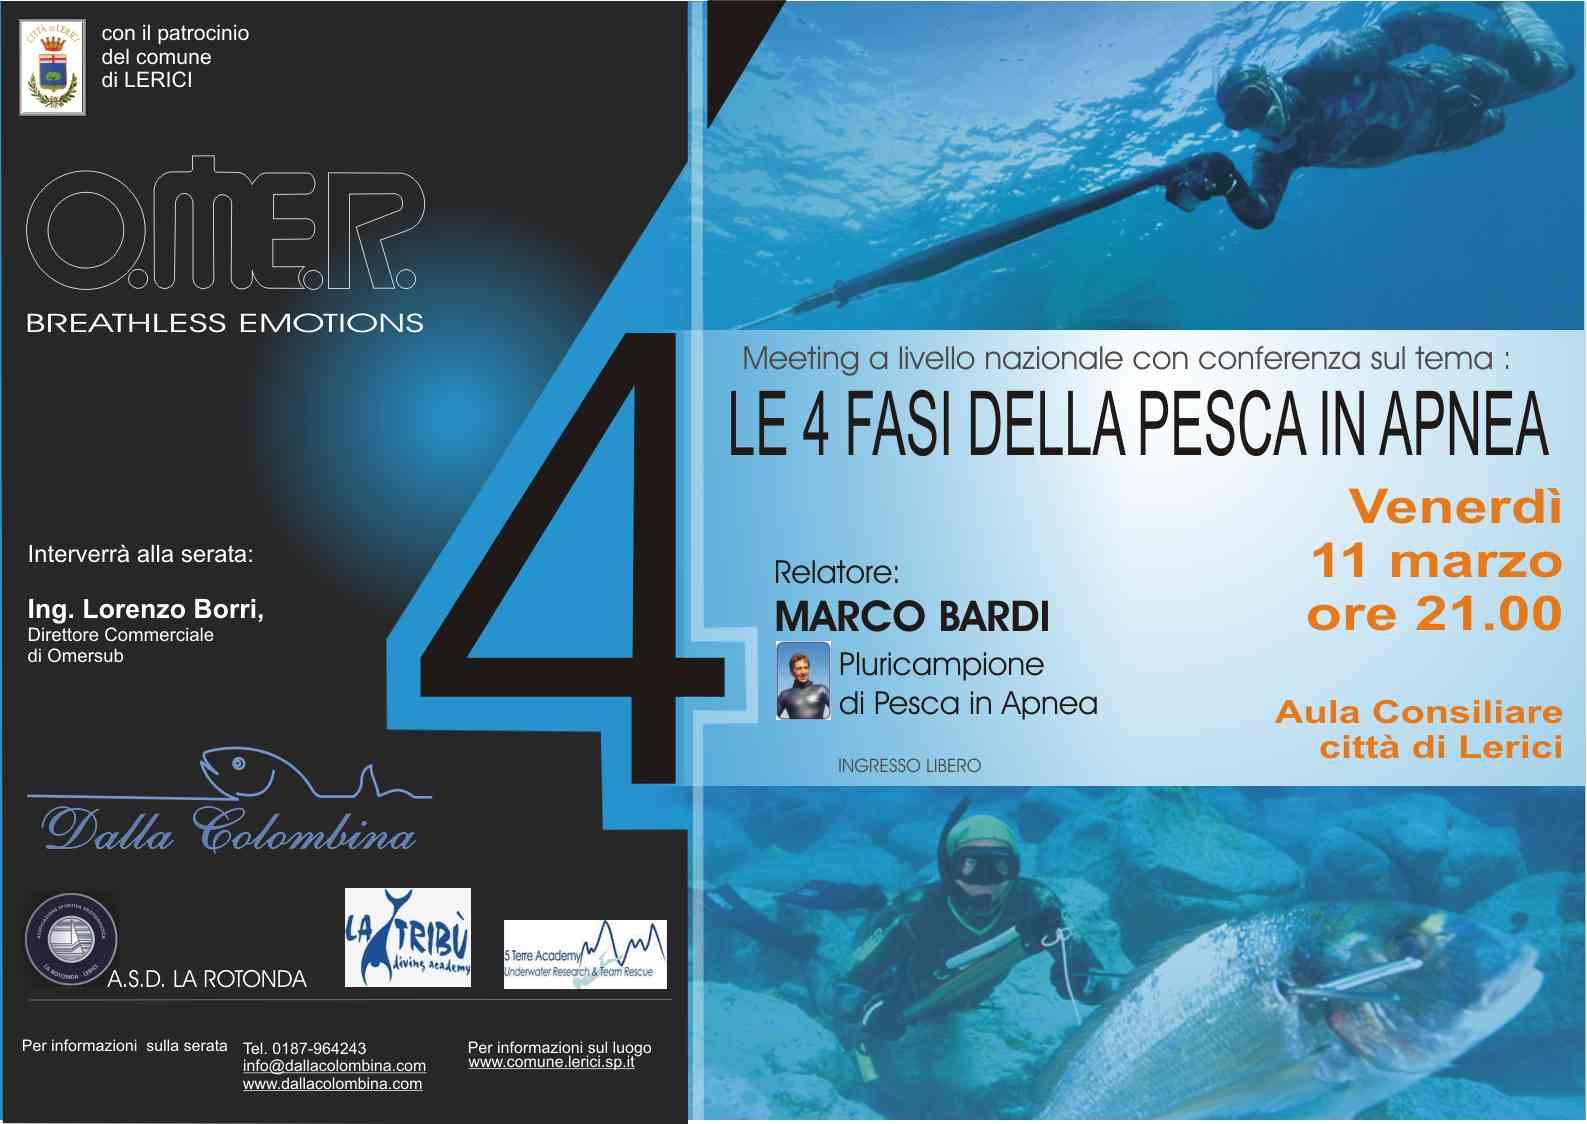 la tribù diving academy: Serata sulla Pesca in APNEA con MARCO BARDI